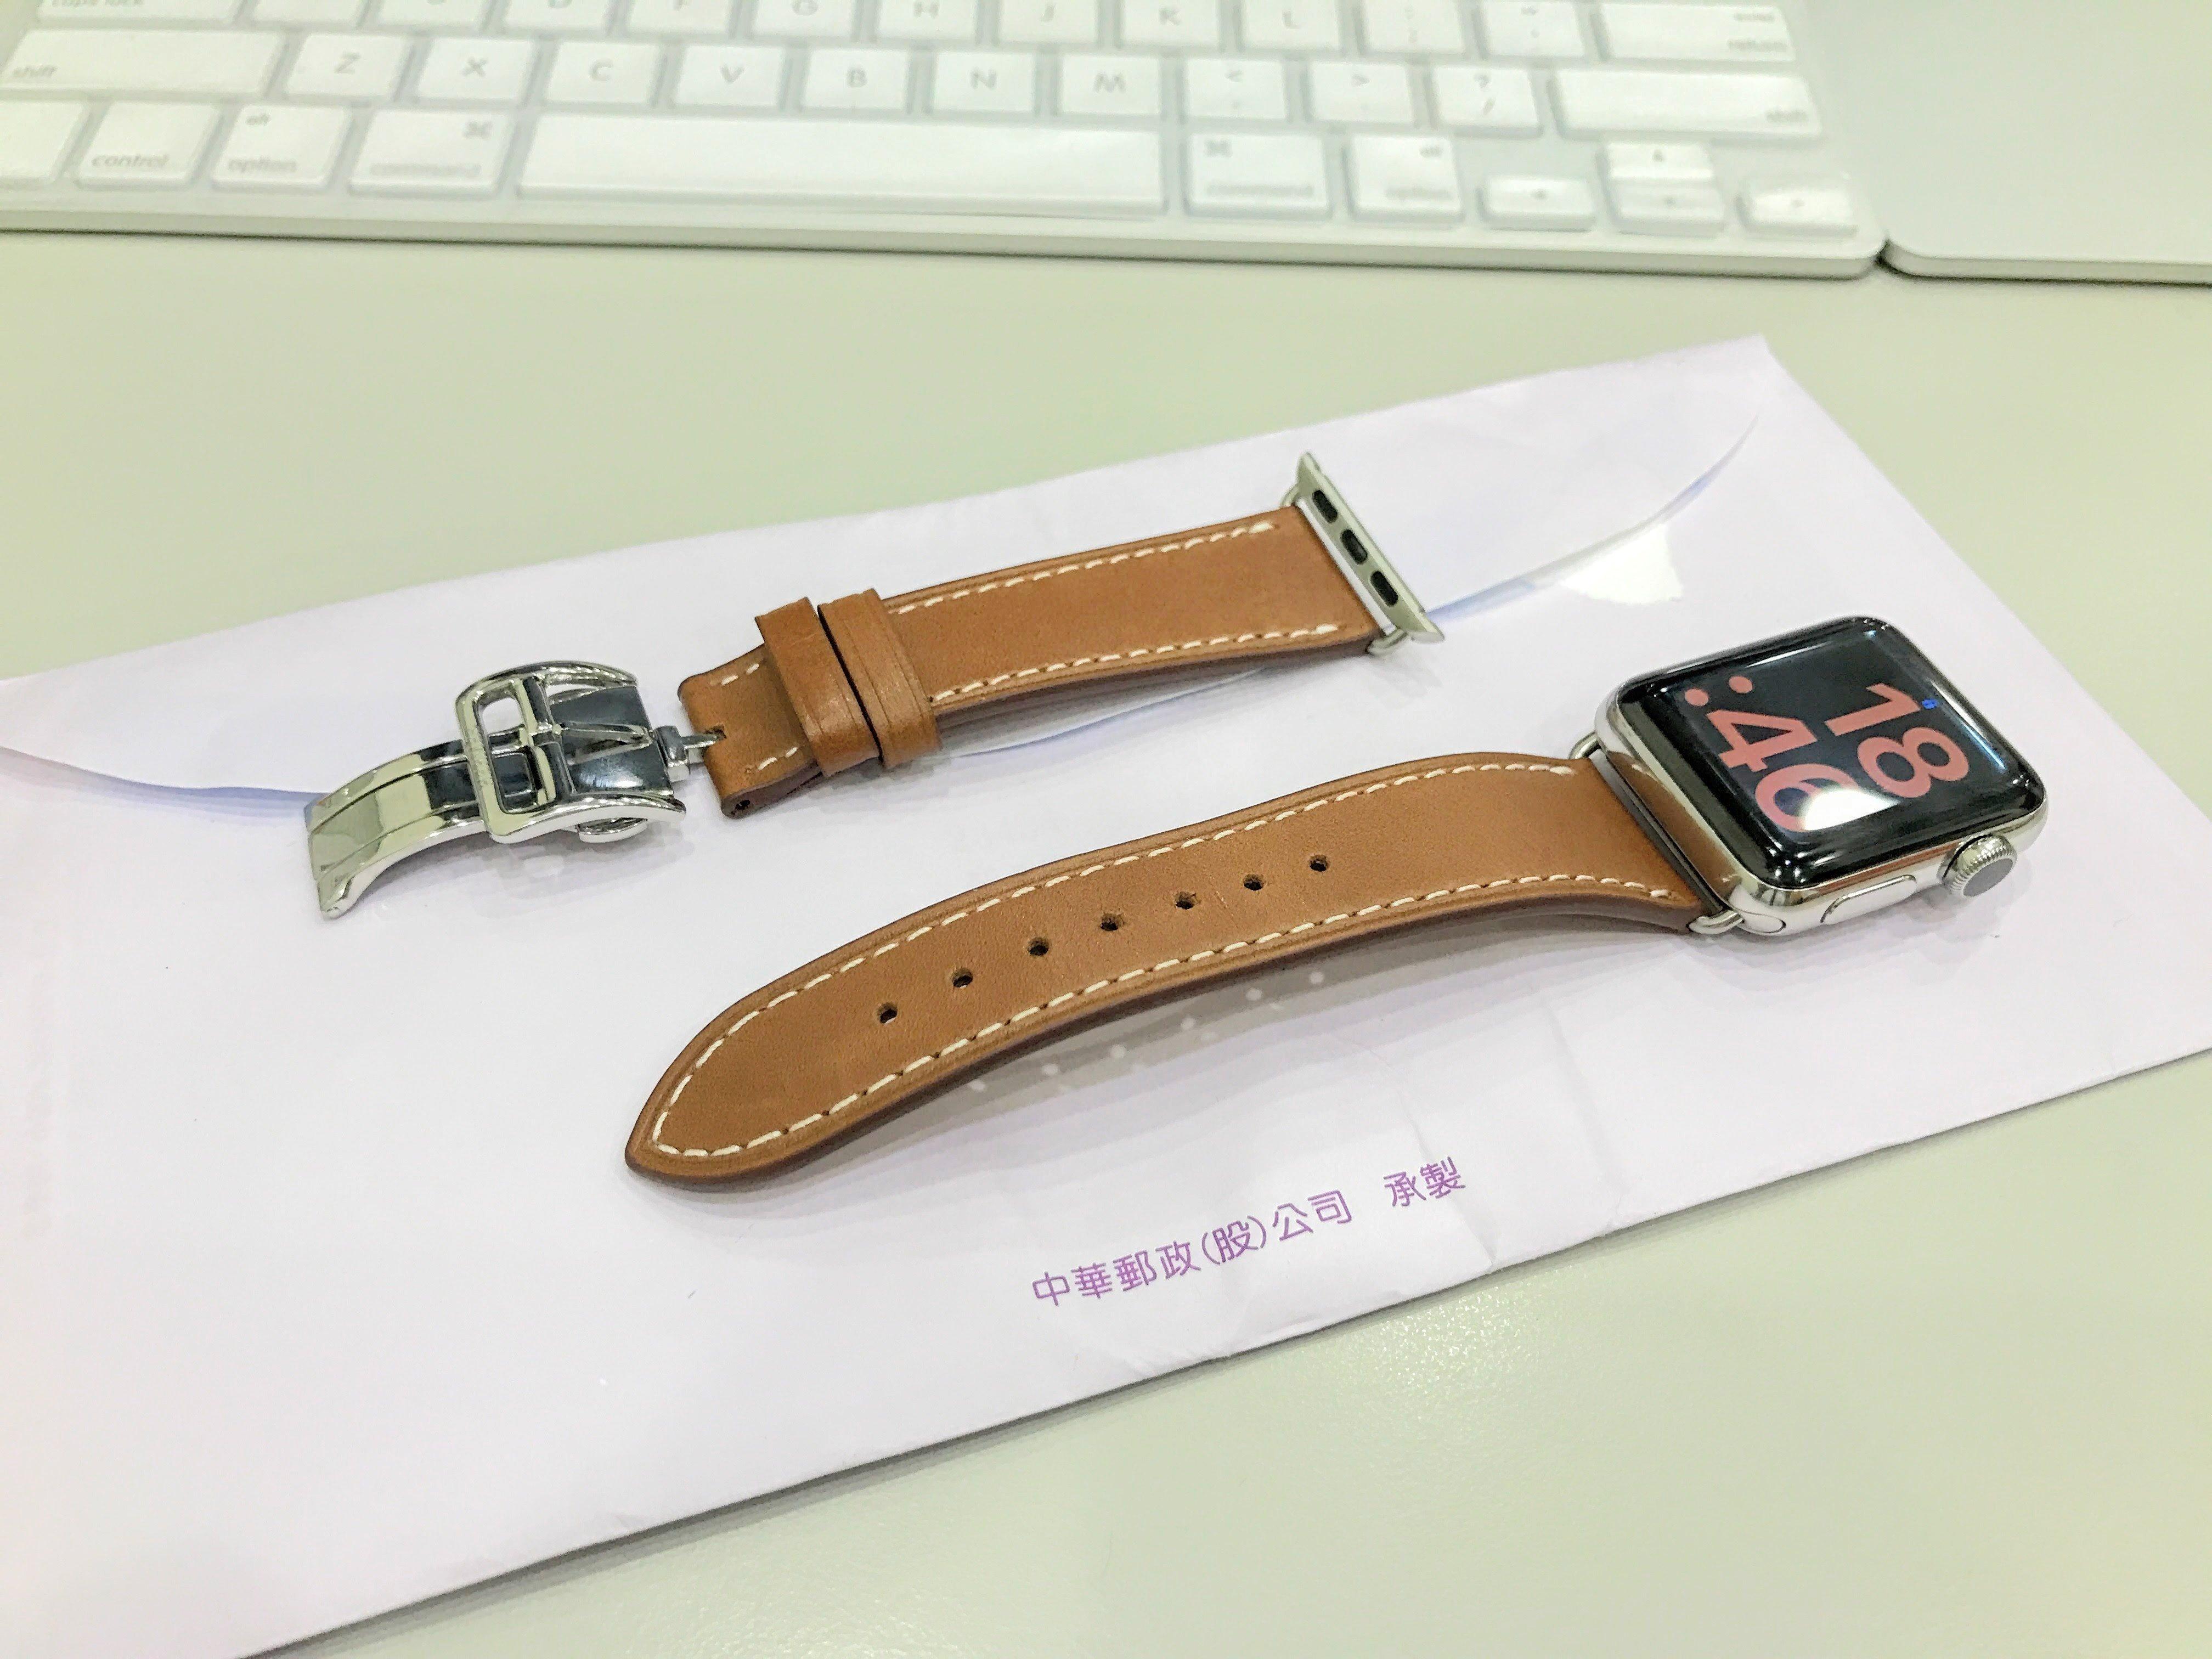 不鏽鋼 38mm apple watch 手作悠遊卡晶片錶帶 單買 22mm 折叠扣款 沛納海22mm替代